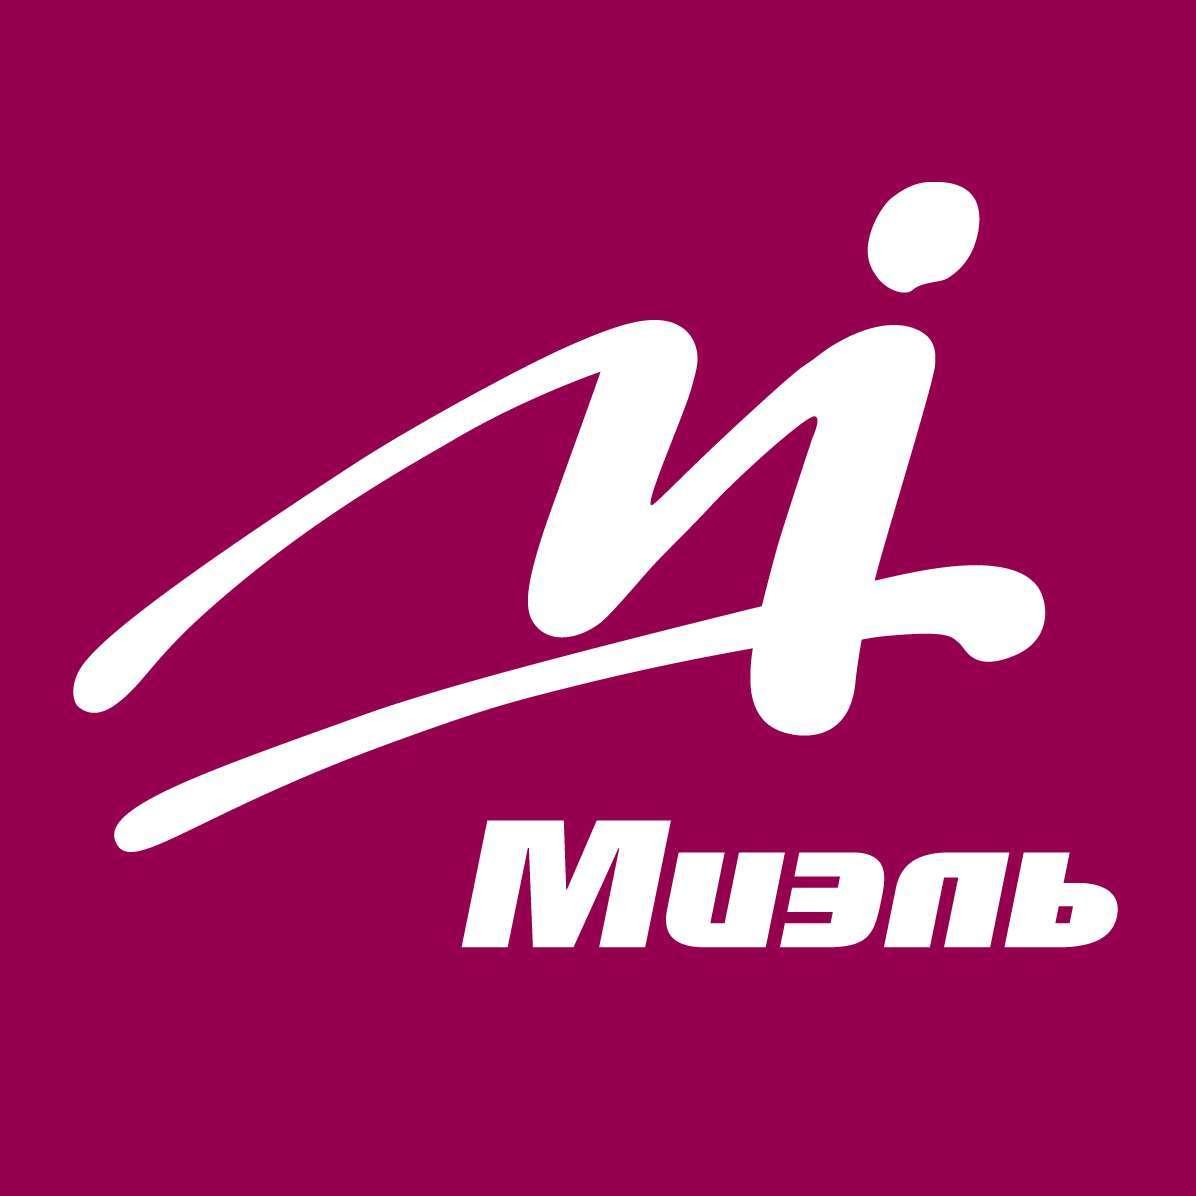 Обзор вторичного рынка недвижимости Москвы, февраль 2021